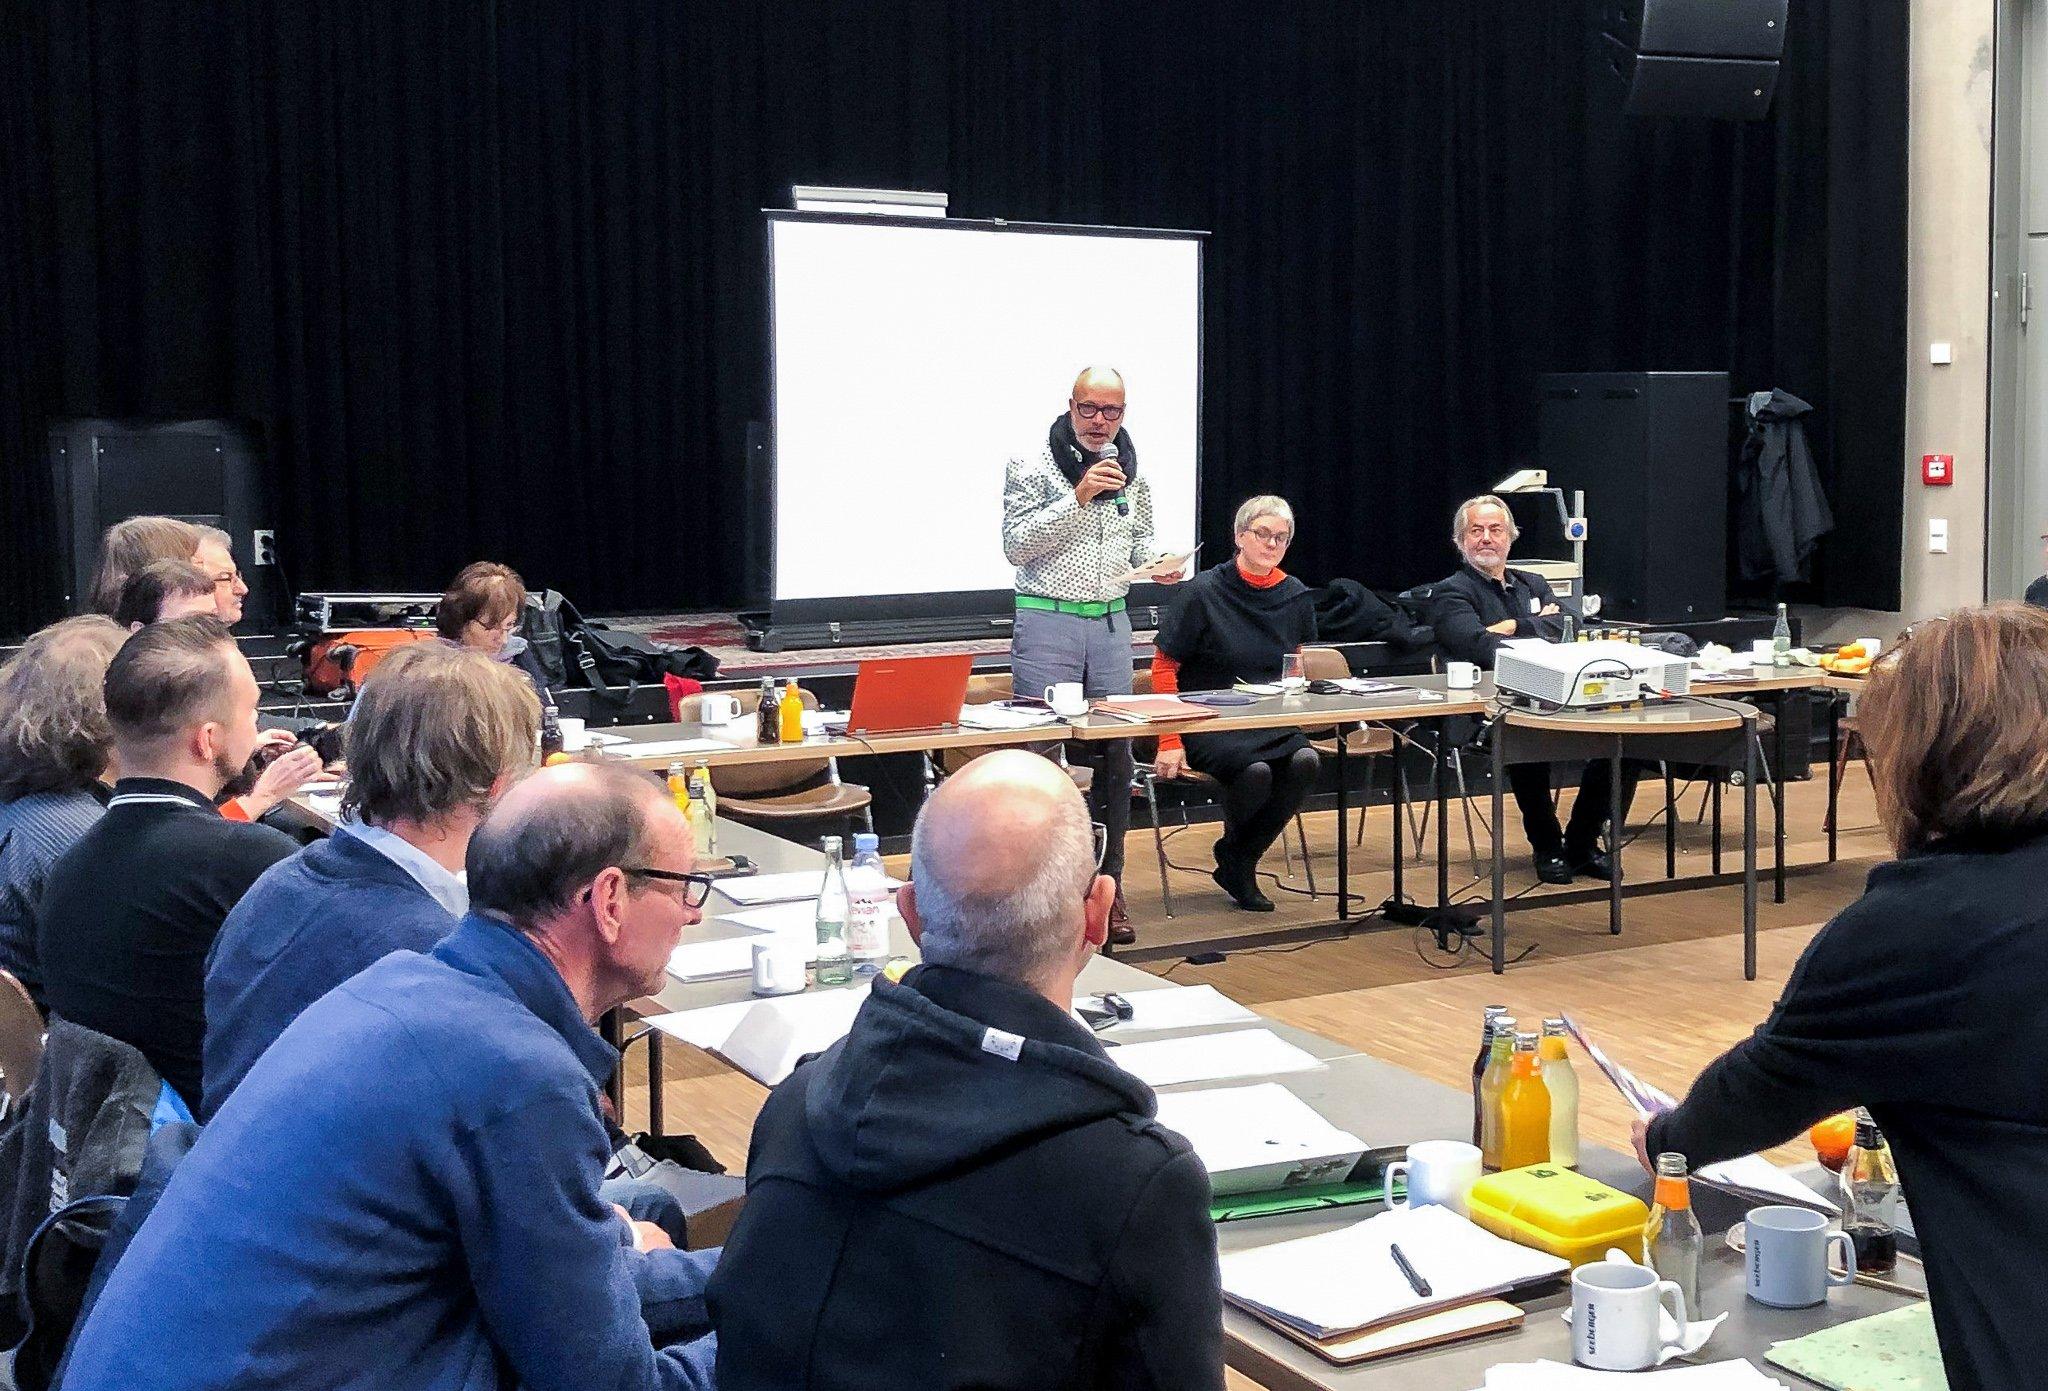 Mitgliederversammlung Kassel 2019, Wahl des Vorstandes, © Nikolaus Hausser